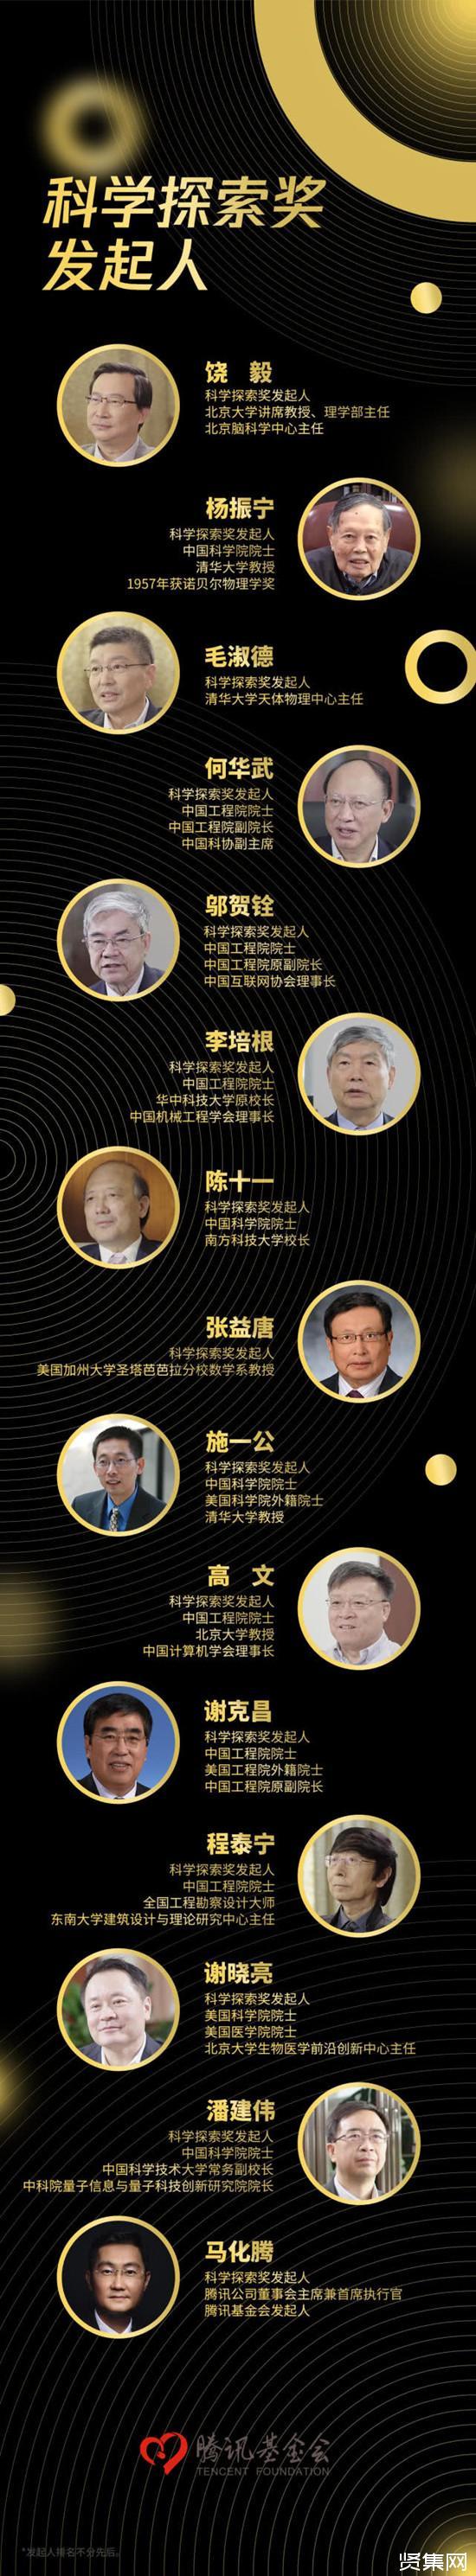 最大科学探索奖设立,2019年1月将正式启动奖项提名和报名